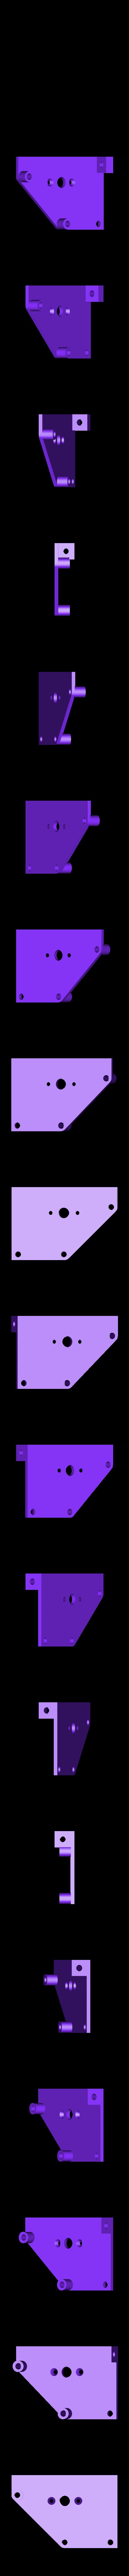 Tread_base_1A.stl Télécharger fichier STL gratuit TBT (Timing Belt Tank) • Plan pour impression 3D, Estebandelgado45